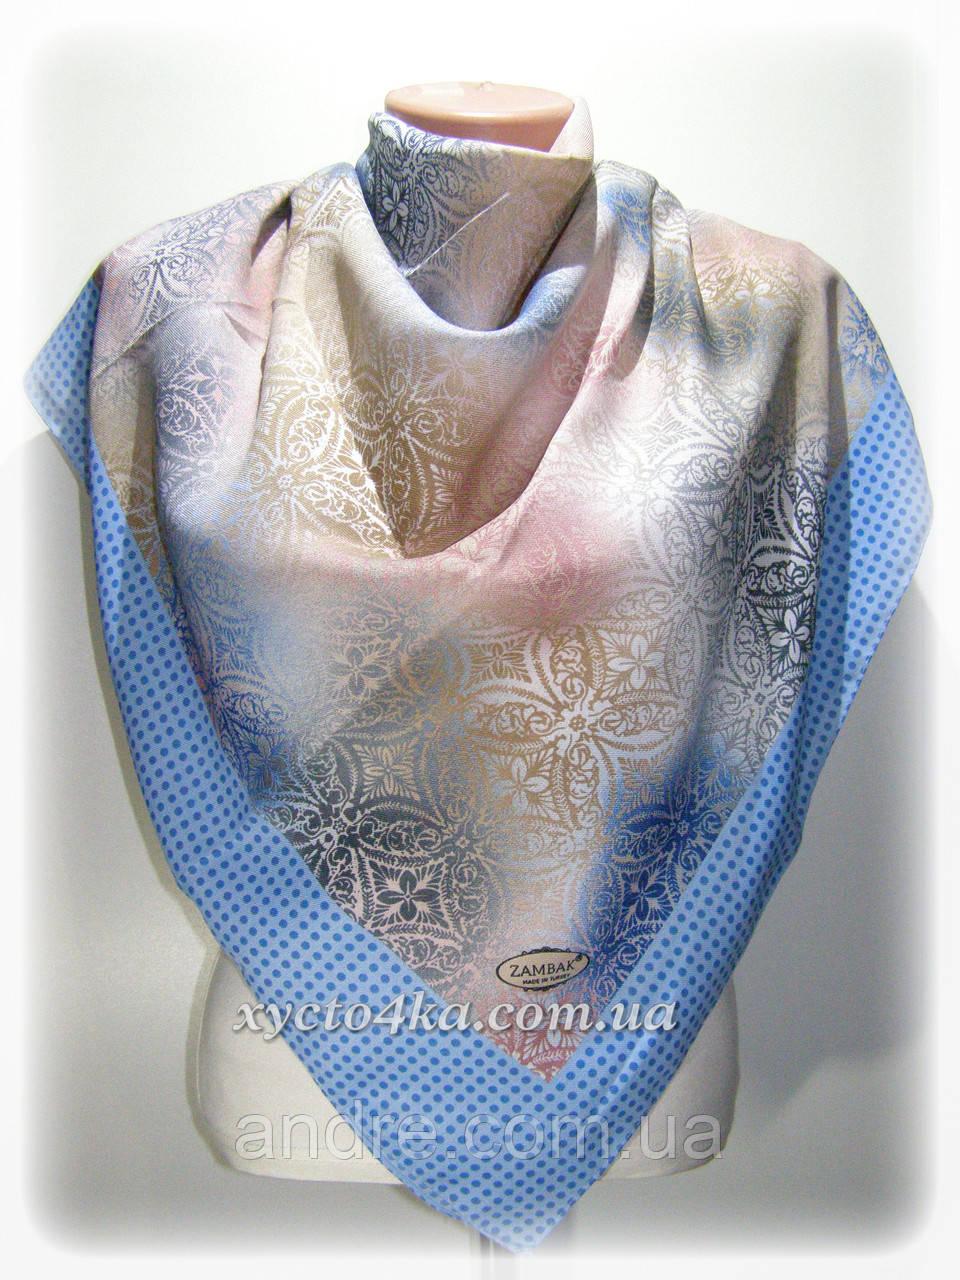 Шерстяной платок Конфети, голубой с розовым